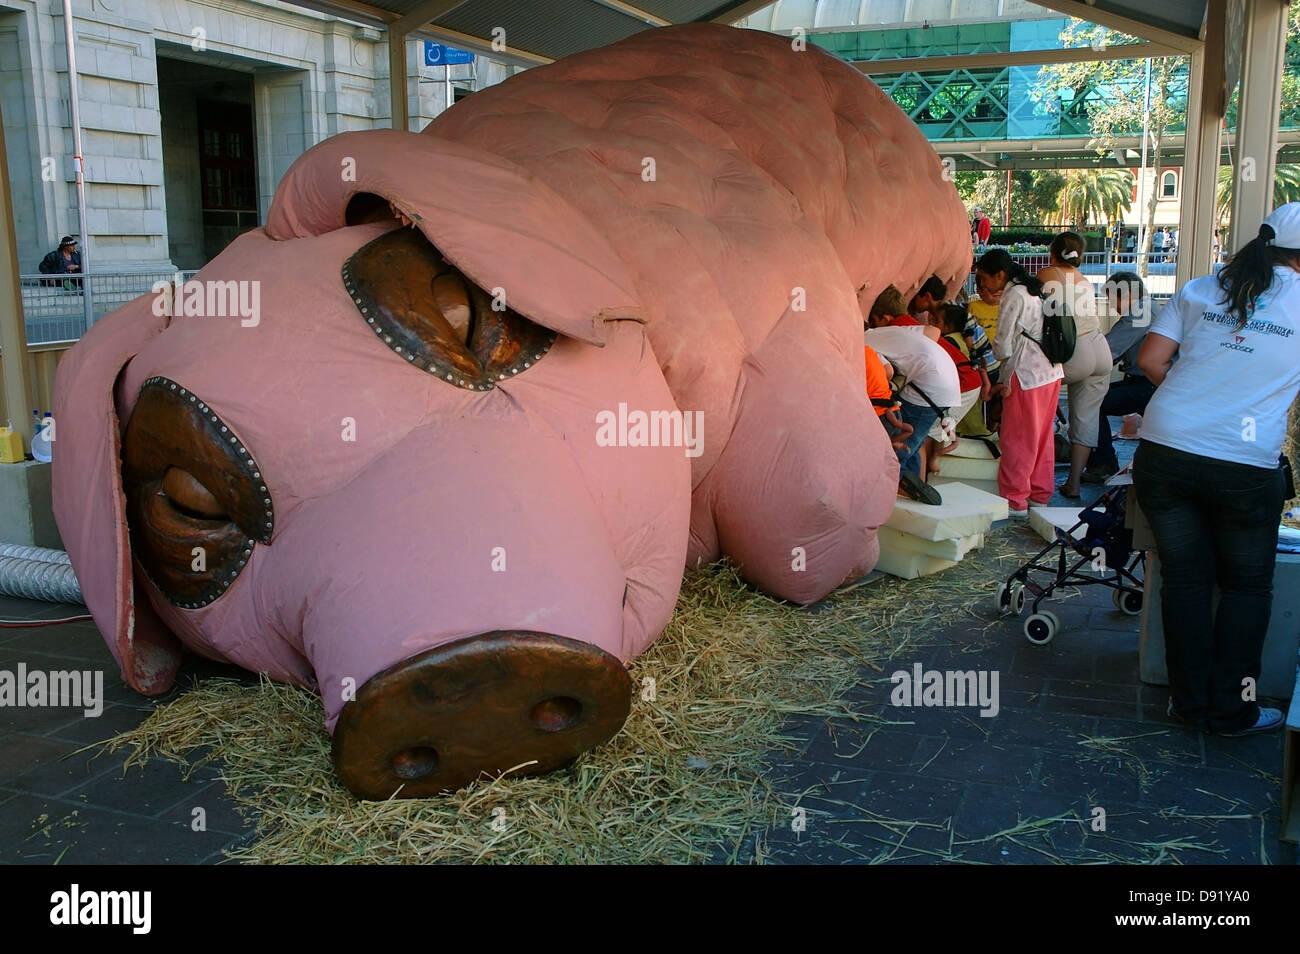 Pig Sculptures Stock Photos  Pig Sculptures Stock Images  Alamy